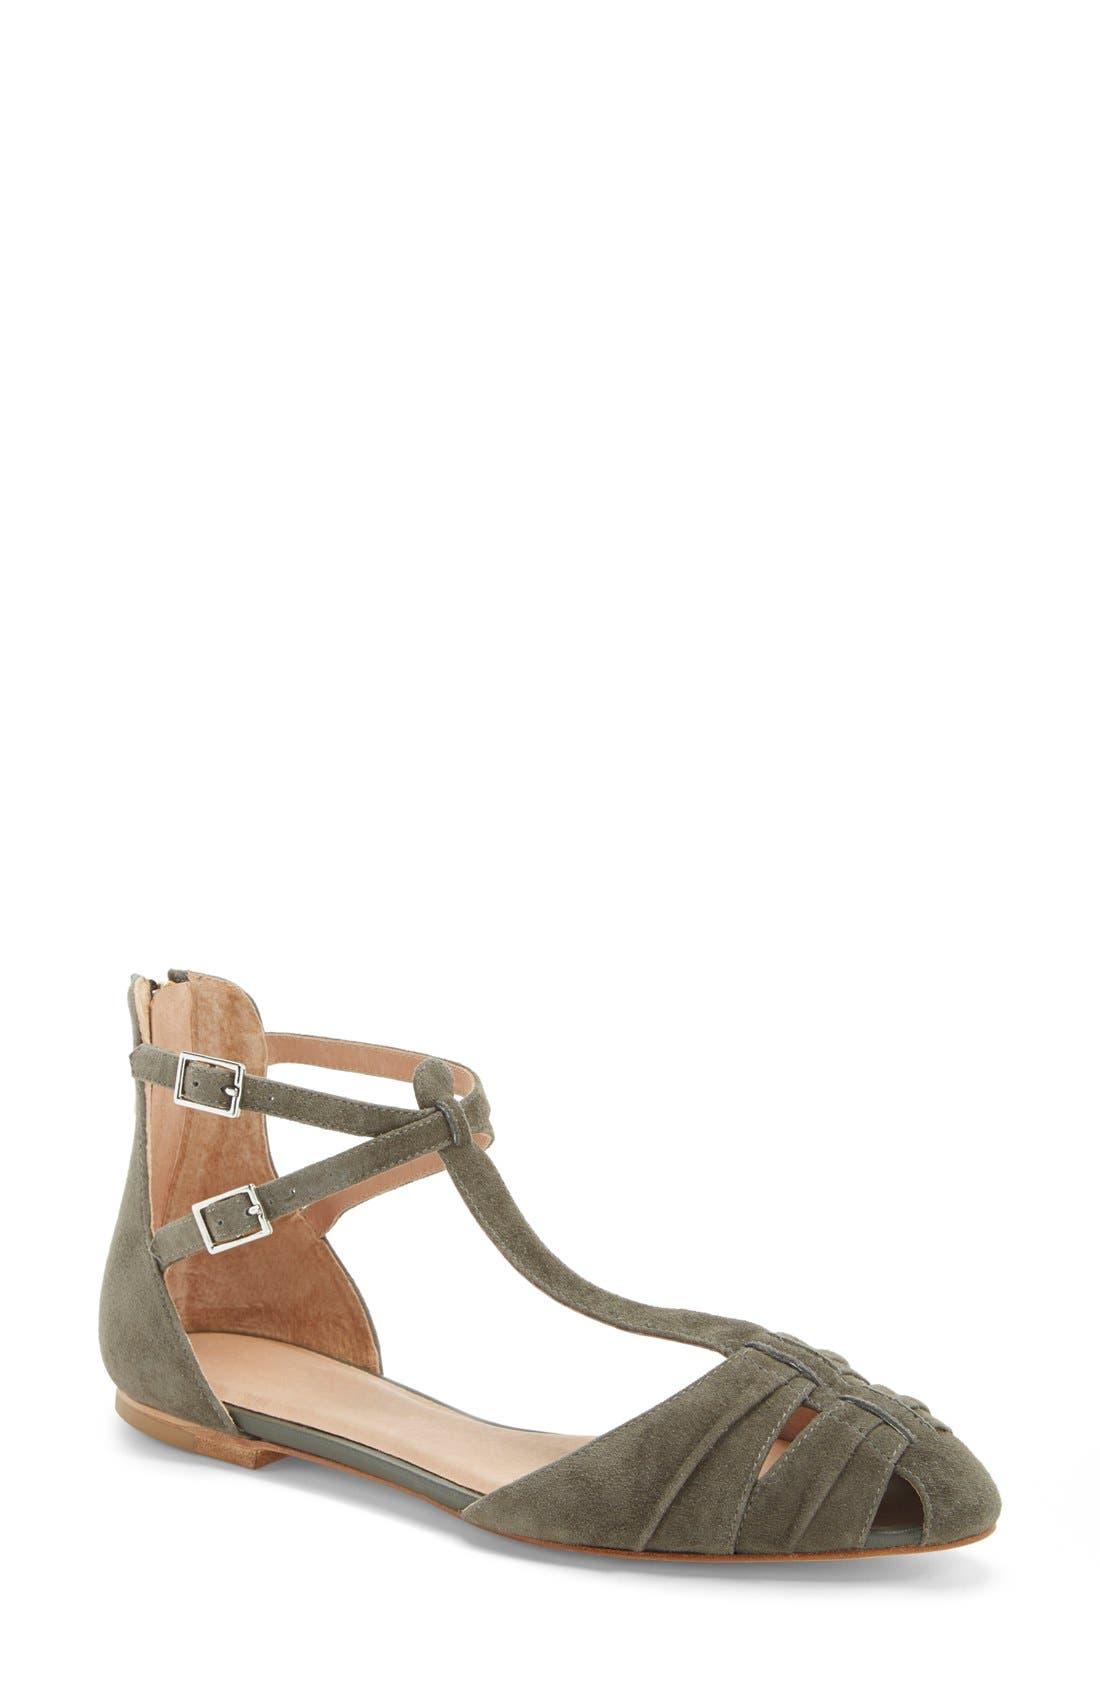 Main Image - Joie 'Agnes' T-Strap Sandal (Women)